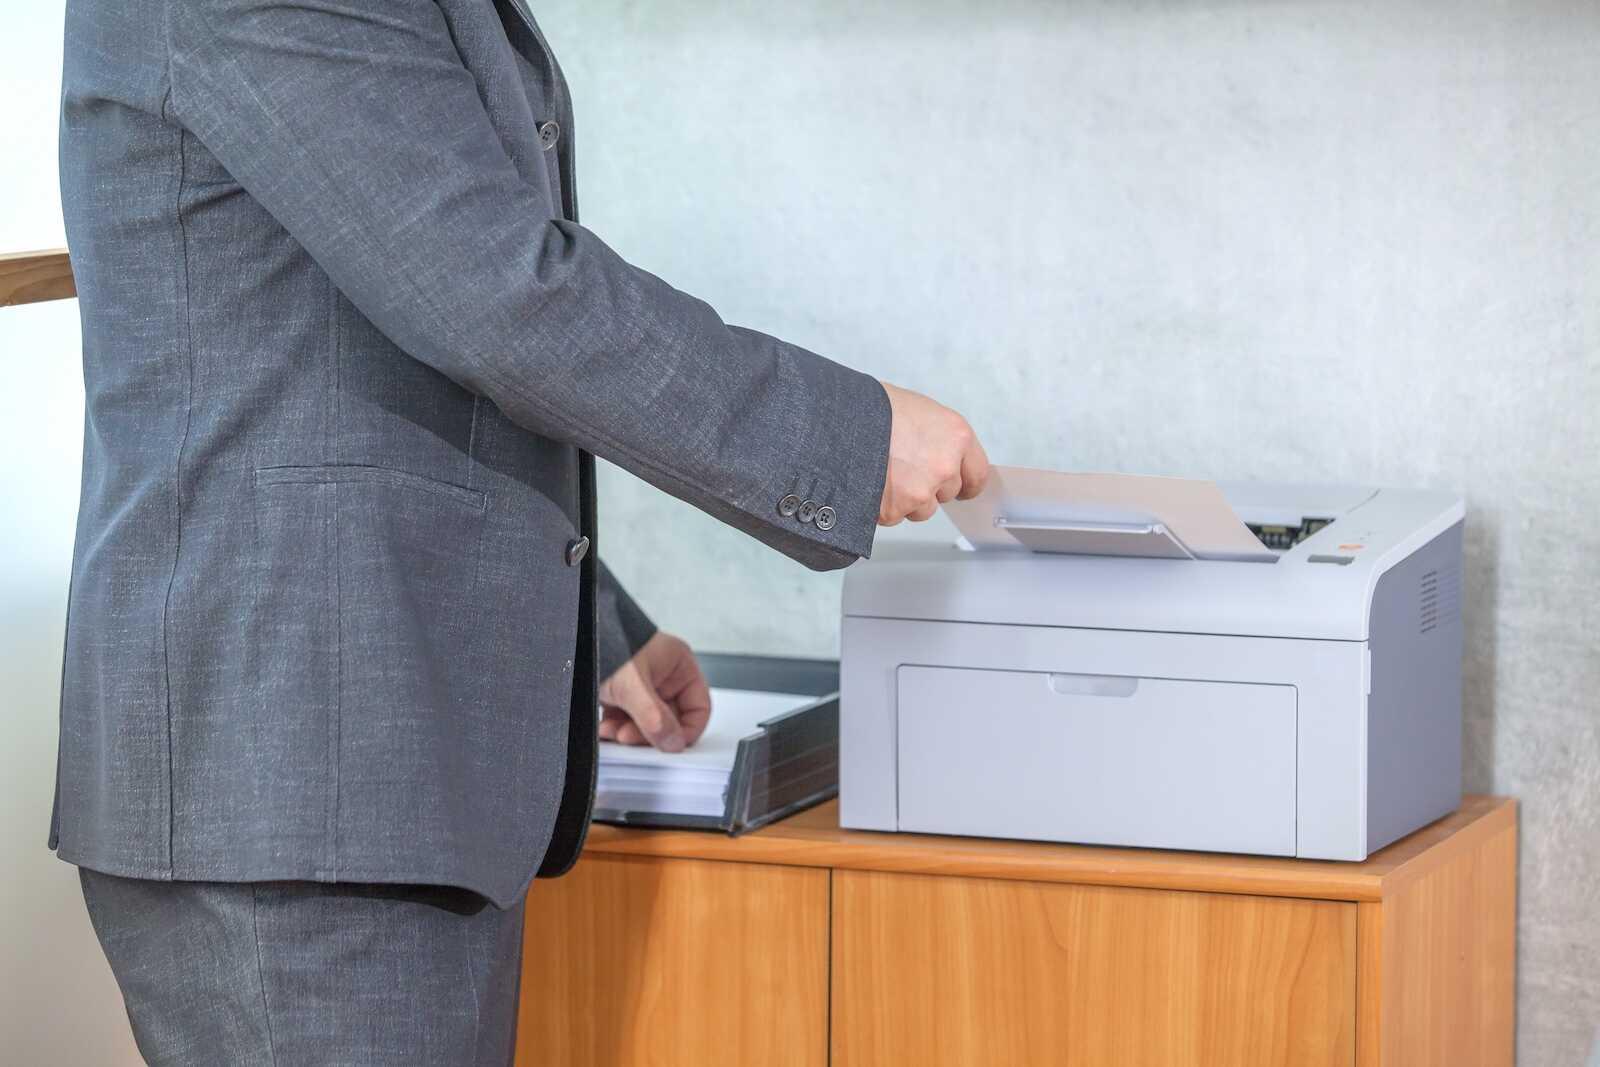 Víte, jaká je nejčastější závada na tiskárně?